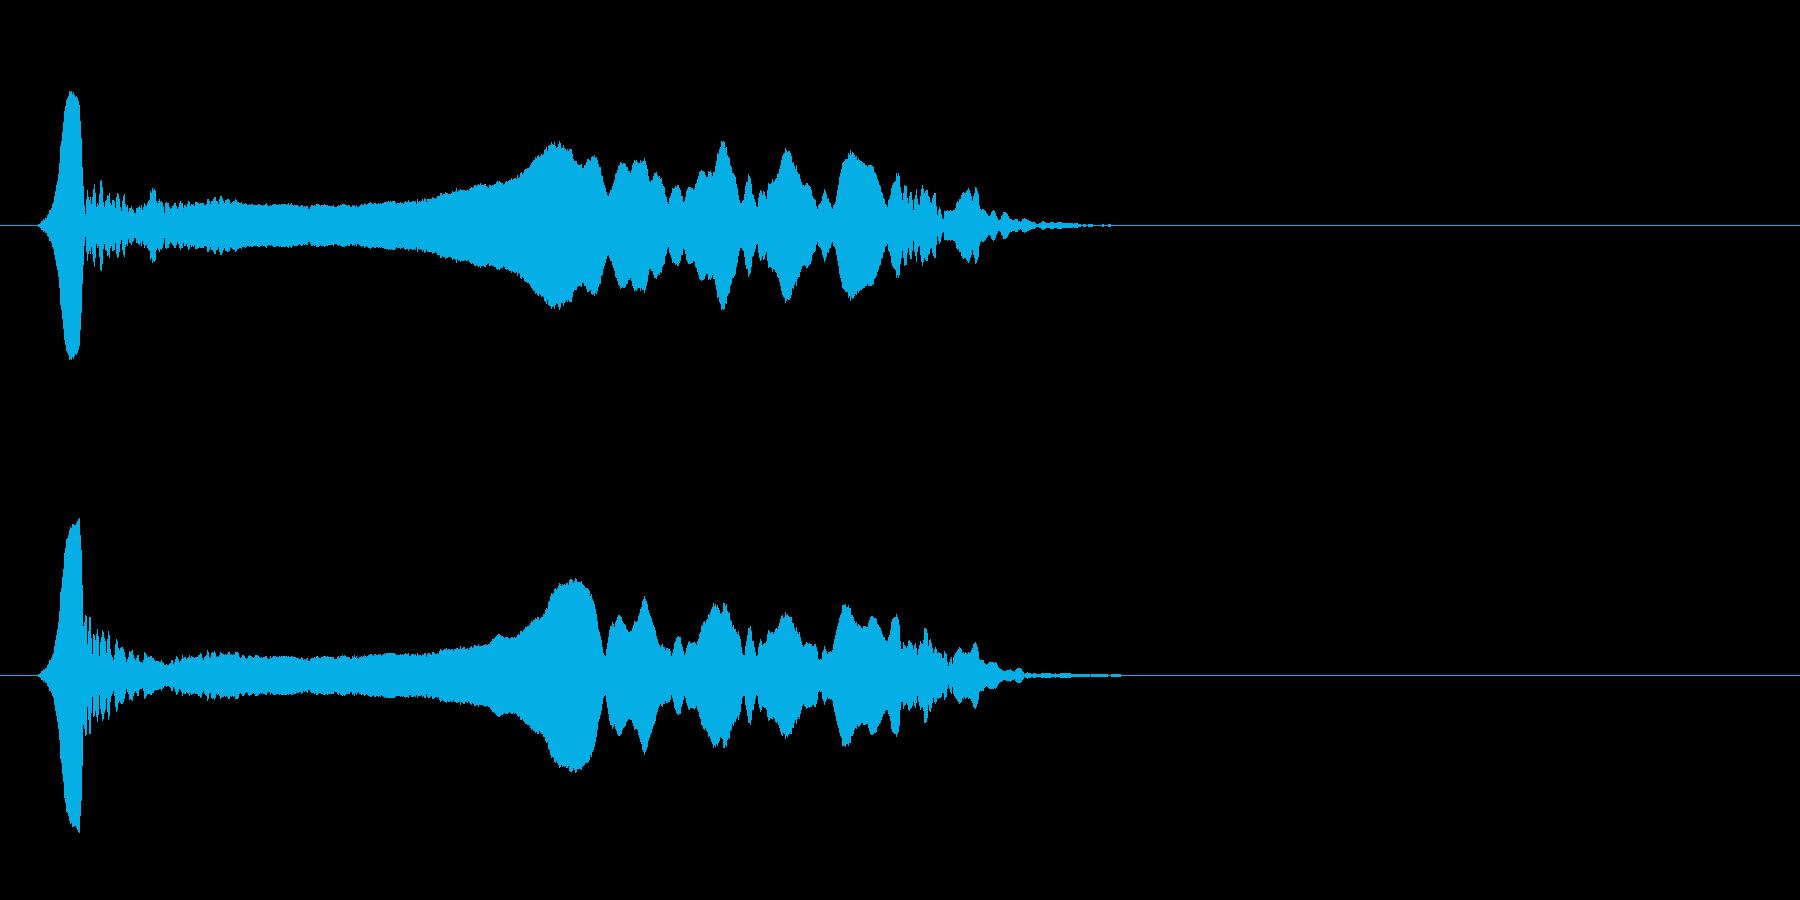 尺八 生演奏 古典風#19の再生済みの波形